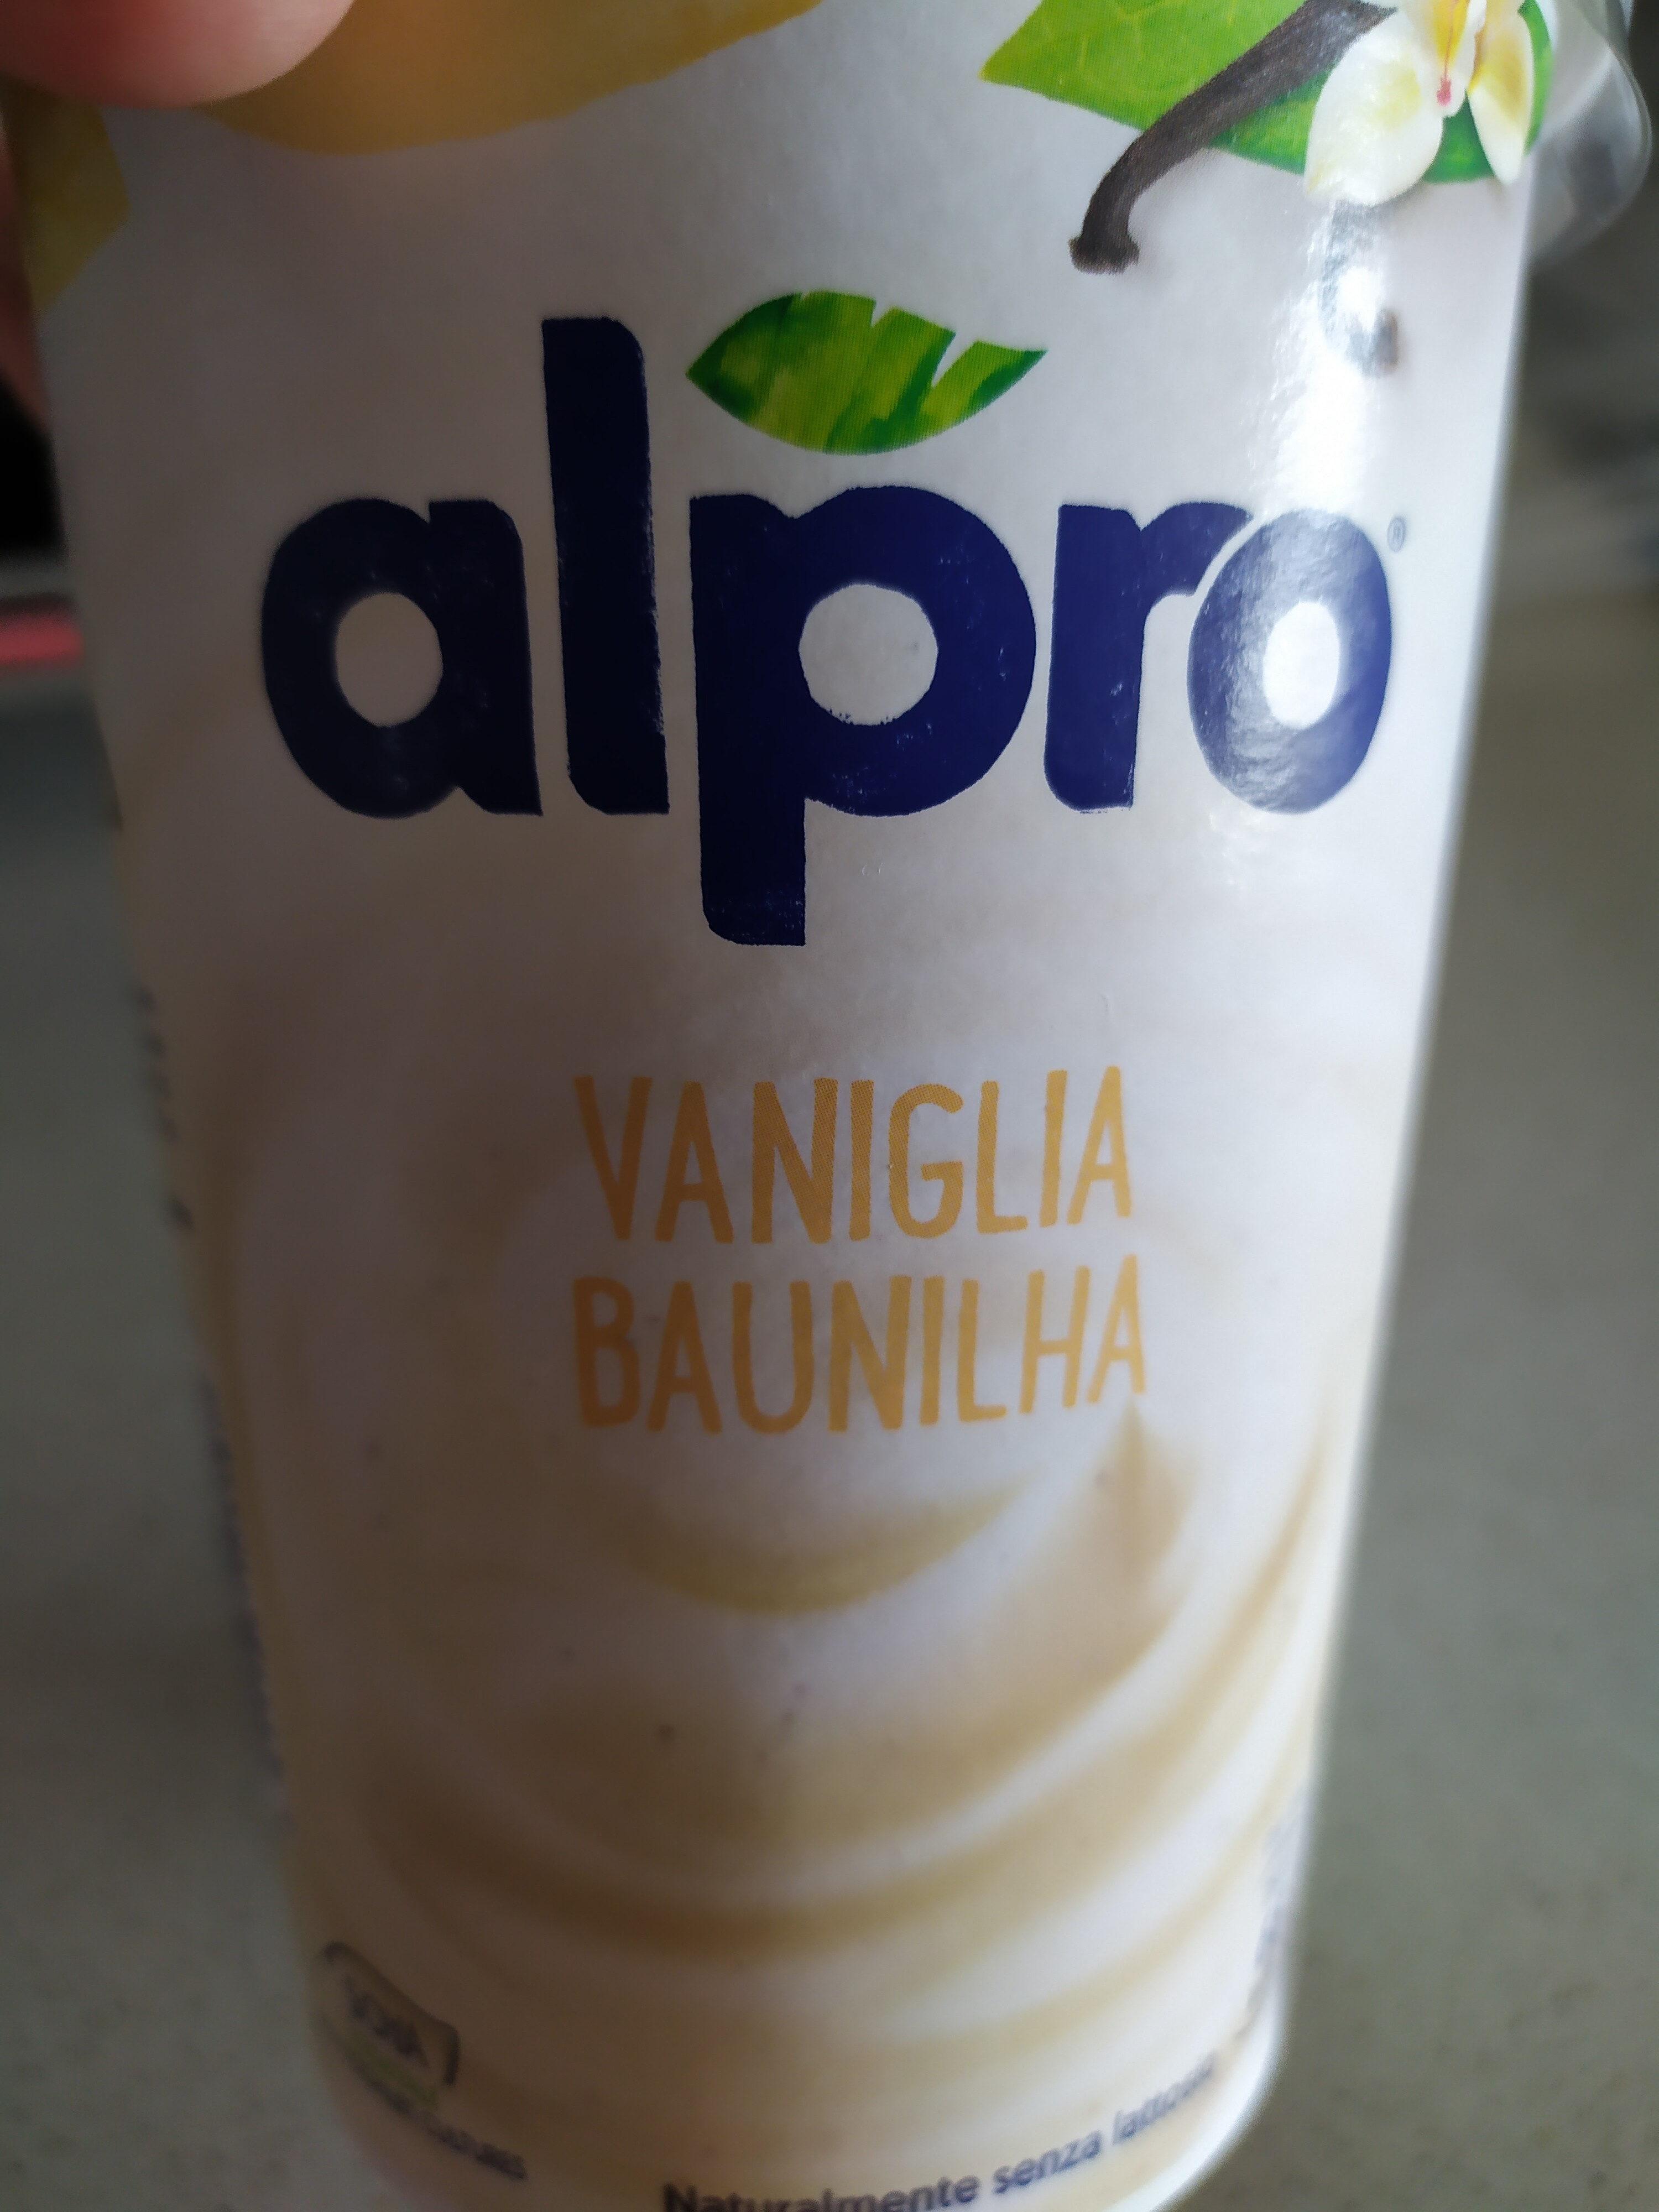 Alpro Vaniglia/ Baunilha - Product - en